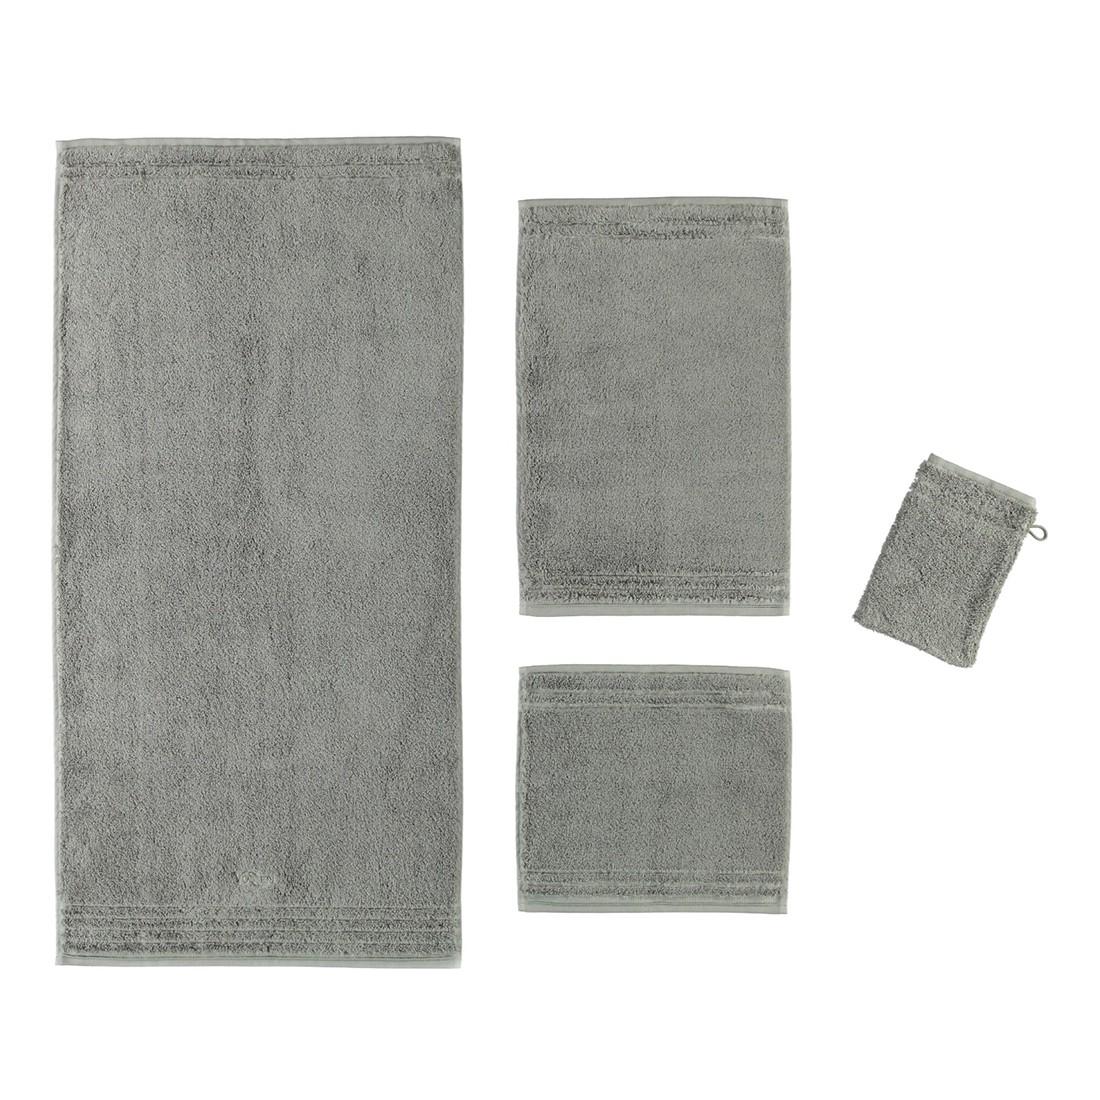 Handtuch Vienna Style Supersoft – 100% Baumwolle pepple- Stone – 747 – Handtuch: 60 x 110 cm, Vossen günstig kaufen